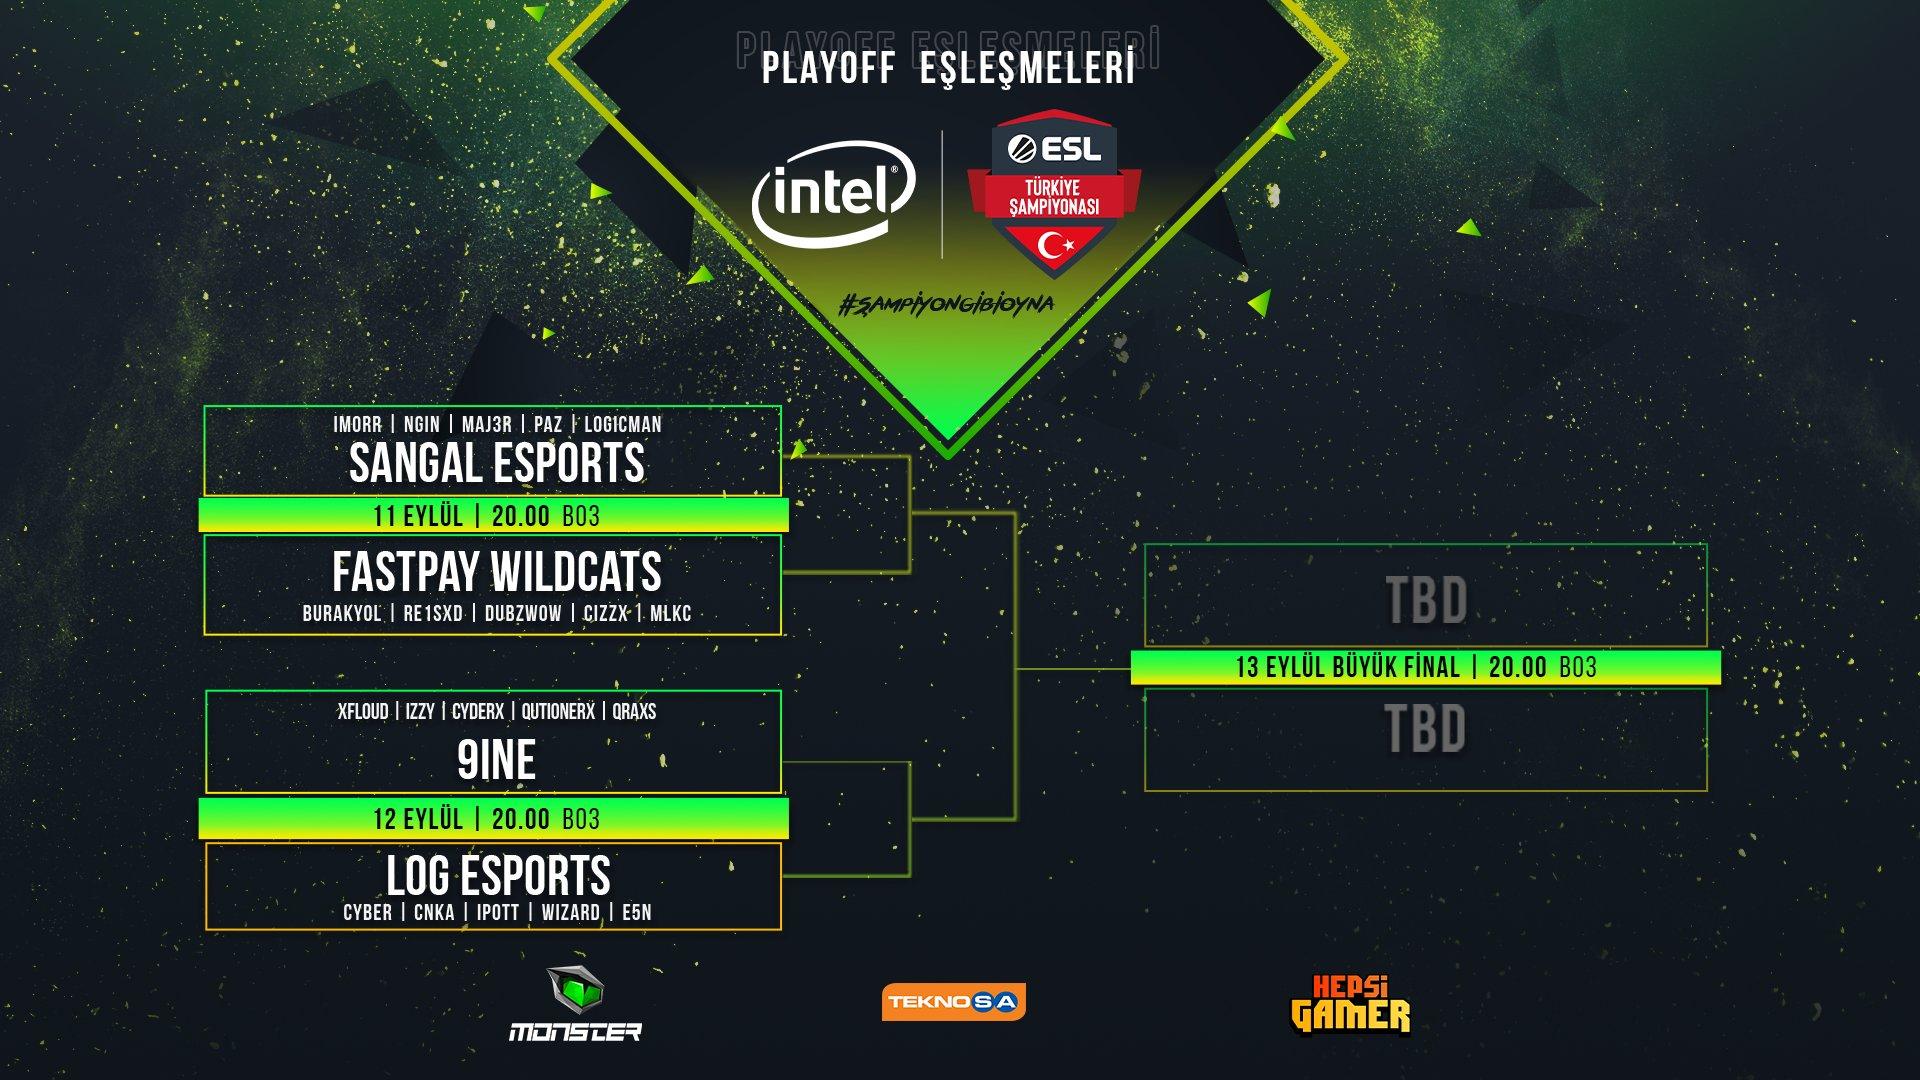 INTEL ESL Türkiye CS:GO Şampiyonası playoff maçları belli oldu